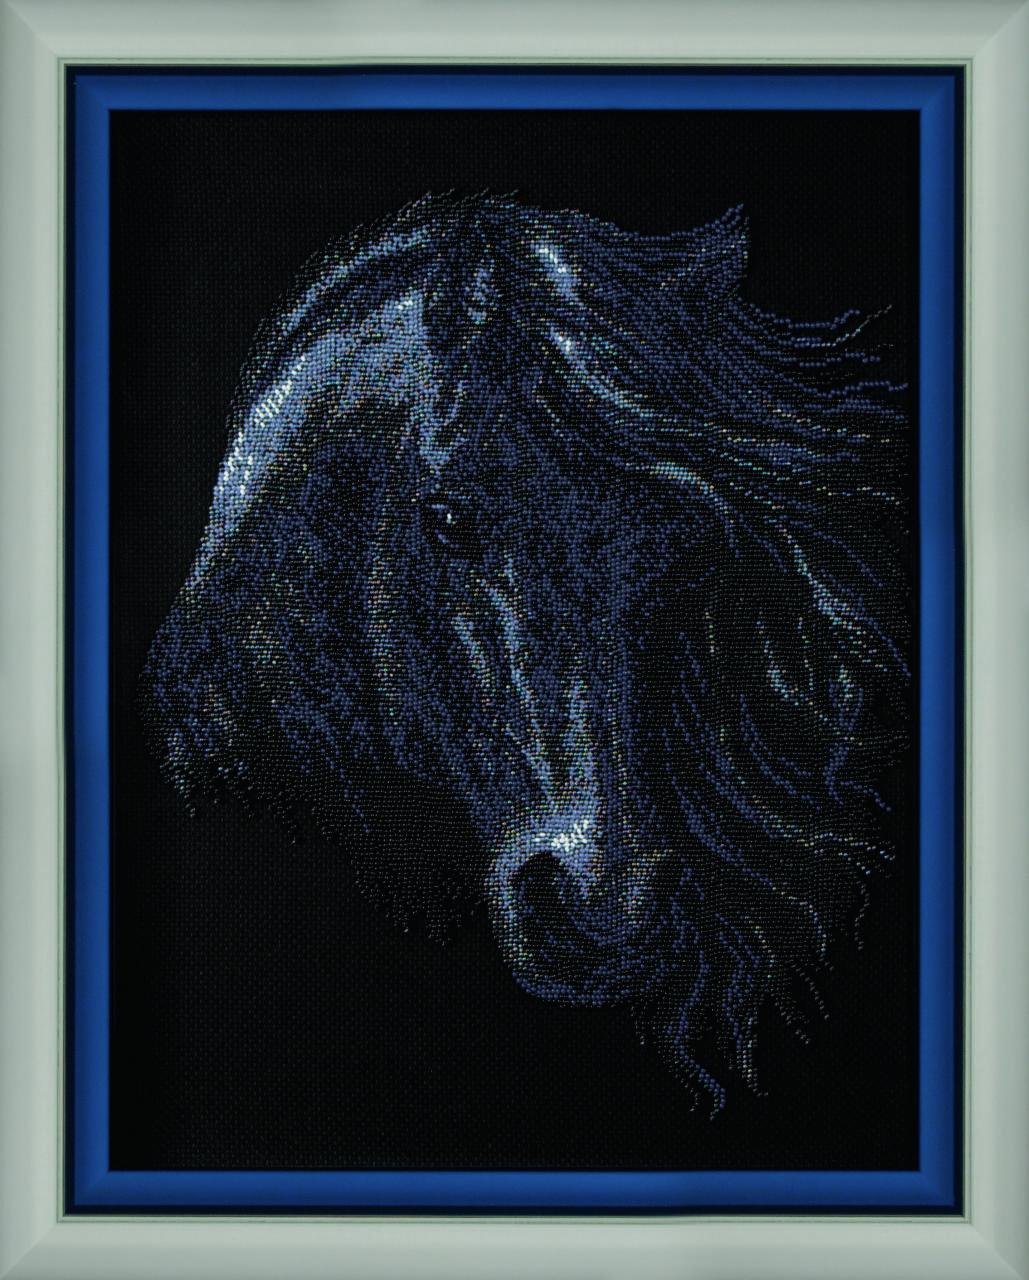 Купить вышивку бисером лошади в интернет-магазине с доставкой 78